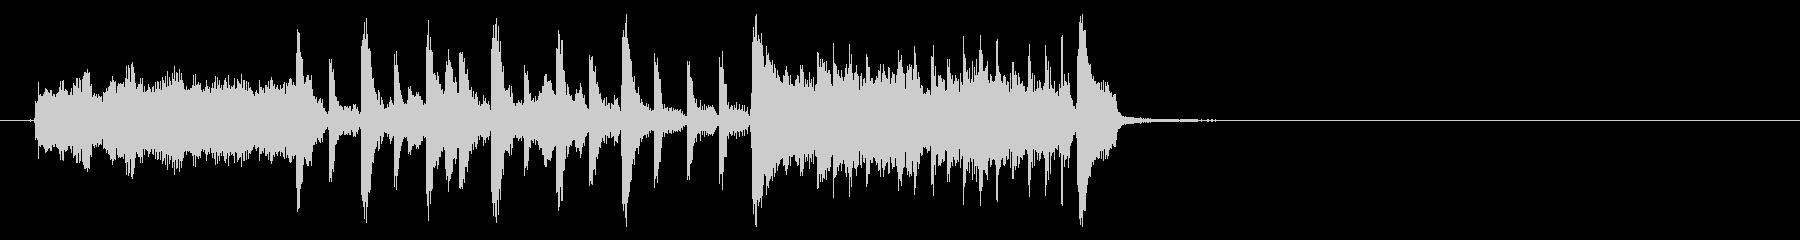 音楽電子ロックスティンガー-ミュー...の未再生の波形